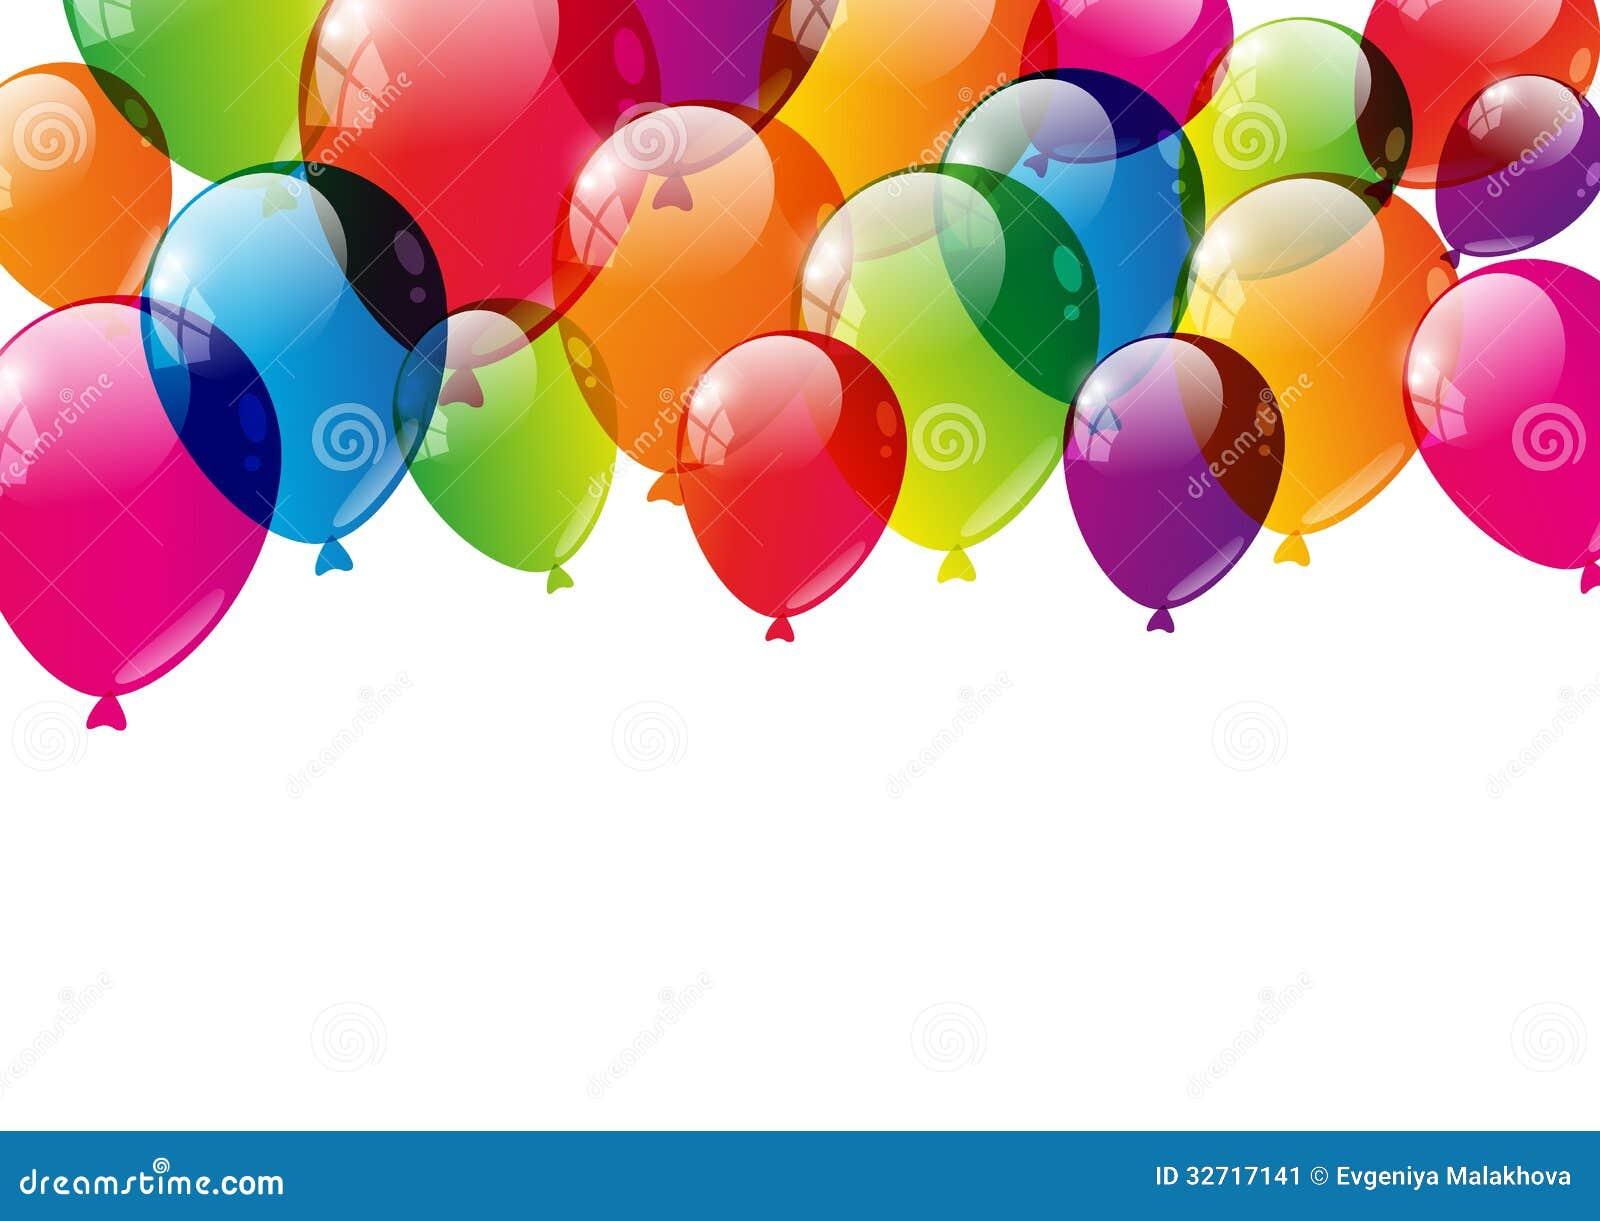 Ausgezeichnet Luftballons Färbung Seite Zeitgenössisch - Beispiel ...